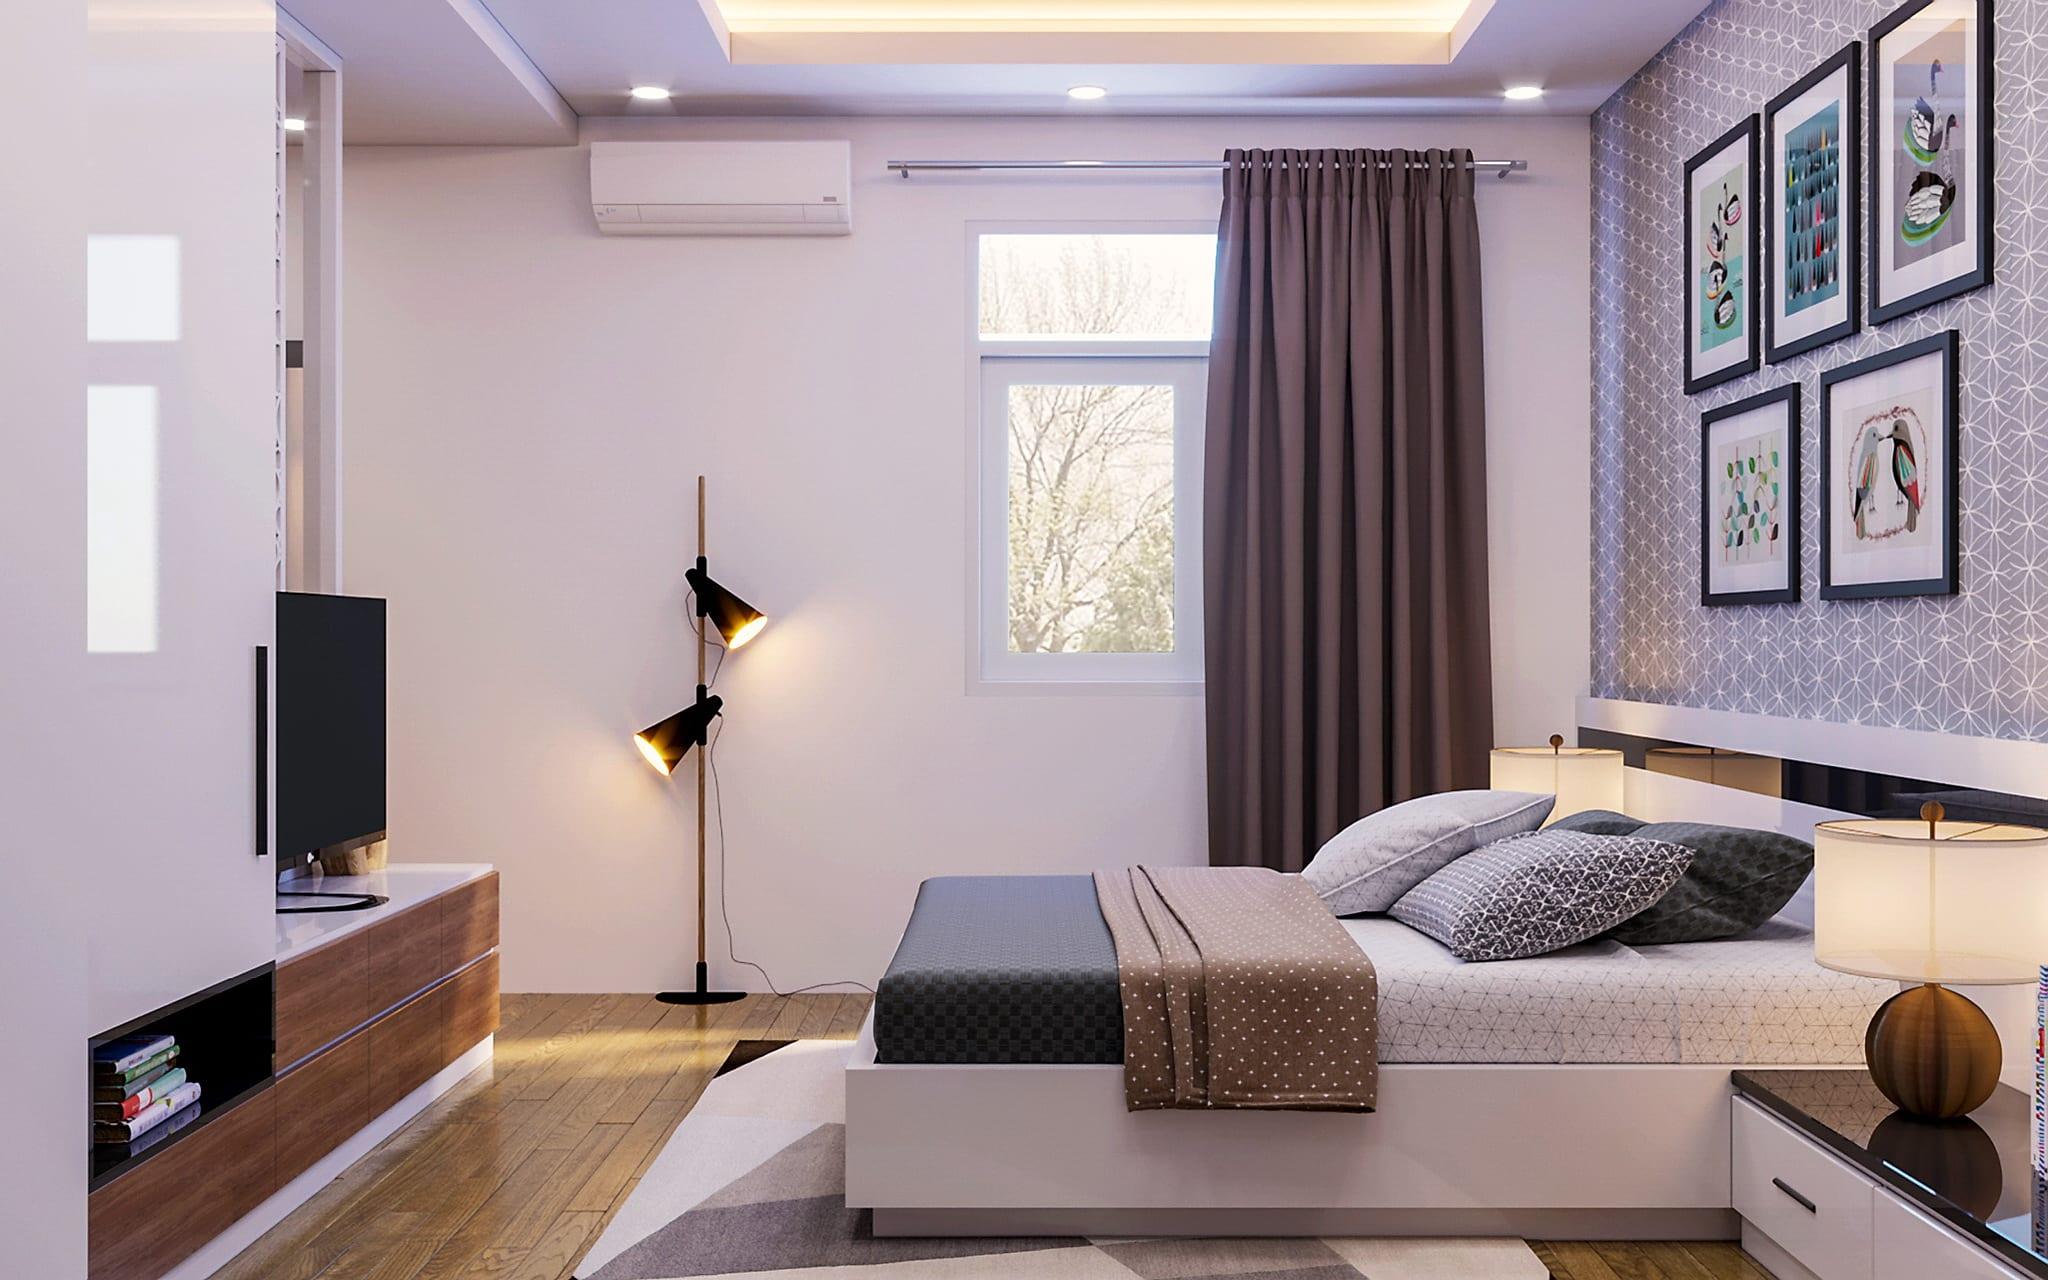 Cách đặt giường ngủ đúng cách cho giấc ngủ ngon, hợp phong thủy